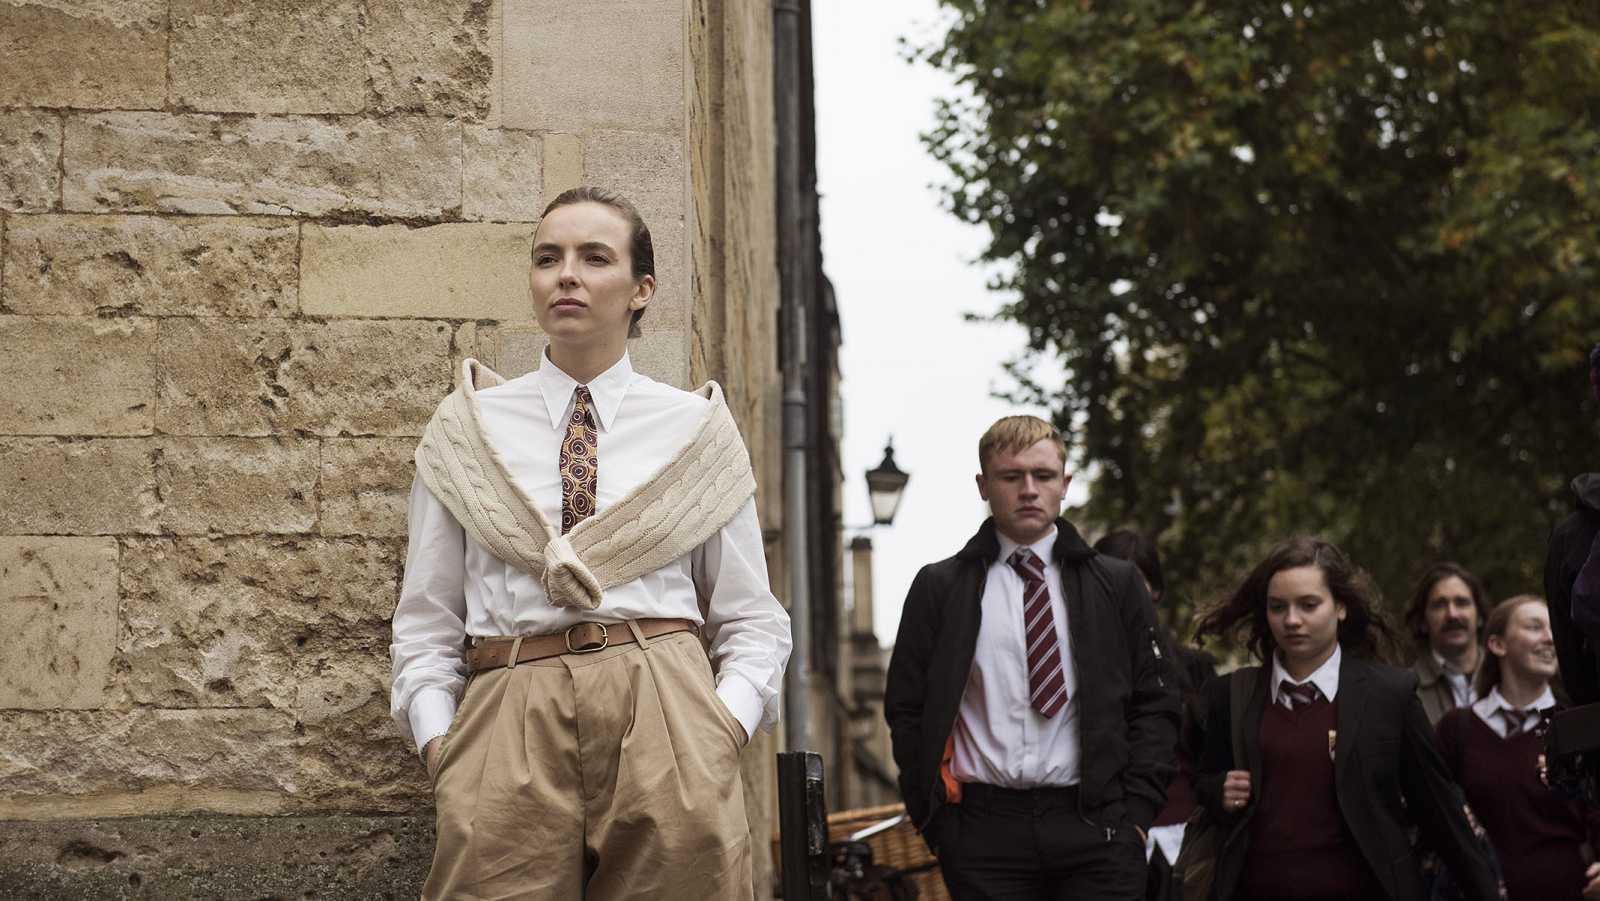 El personaje de Villanelle se expresa en todas sus facetas a través de la ropa